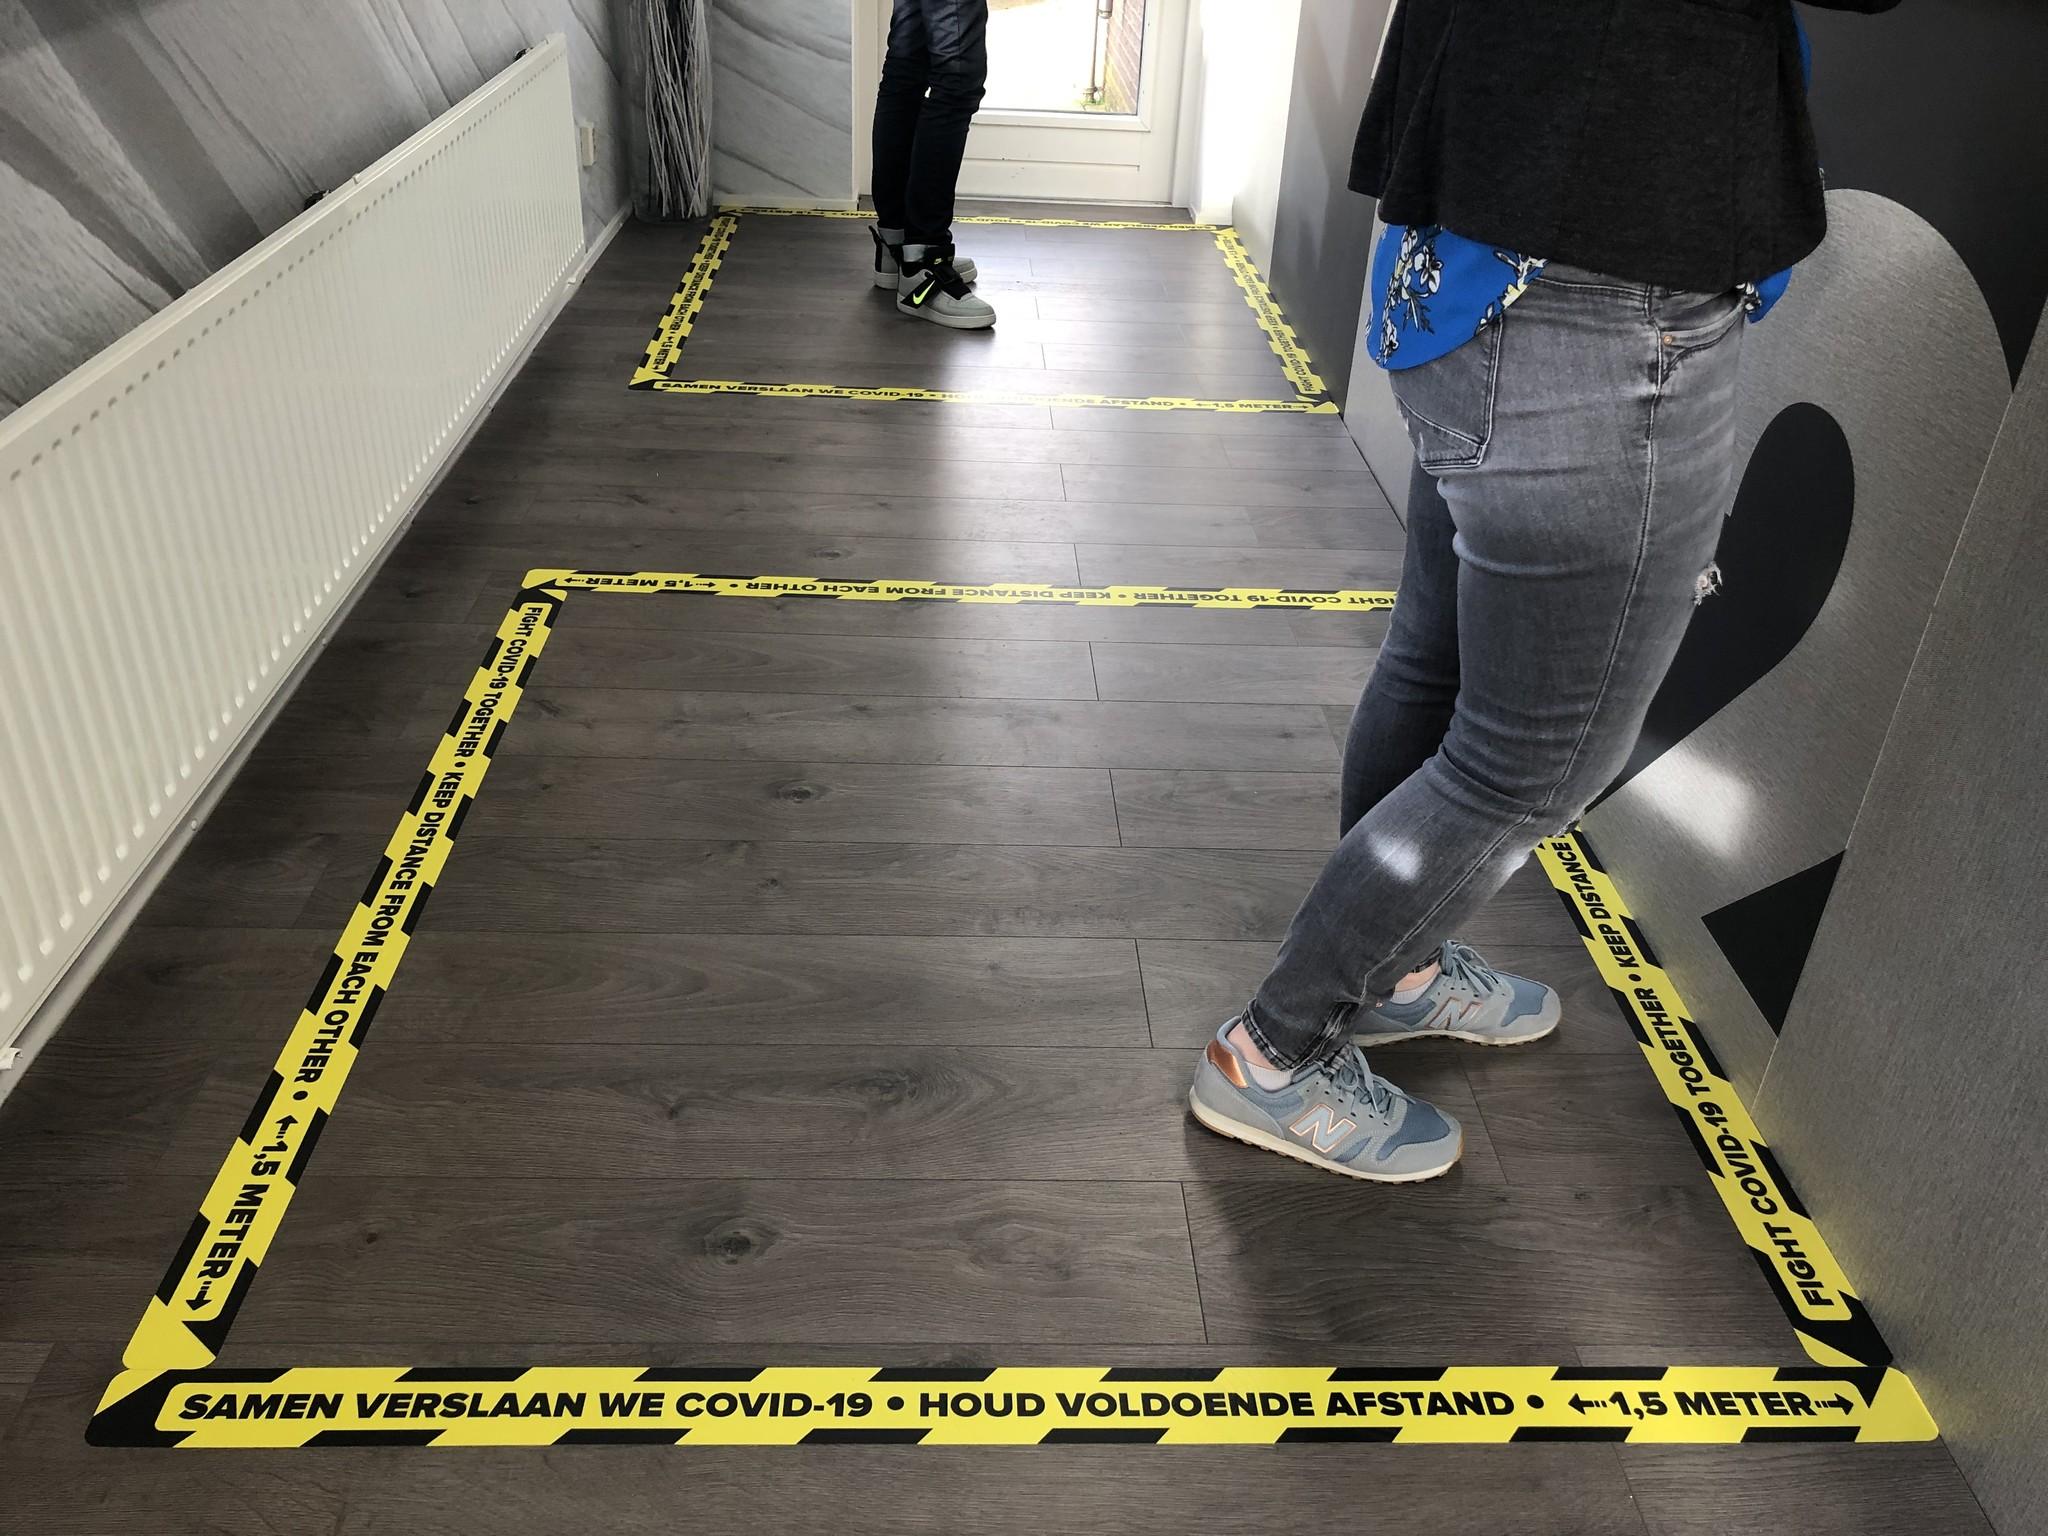 Samen tegen Corona: 'houd 1,5 meter afstand' vloerstickers, posters en meer